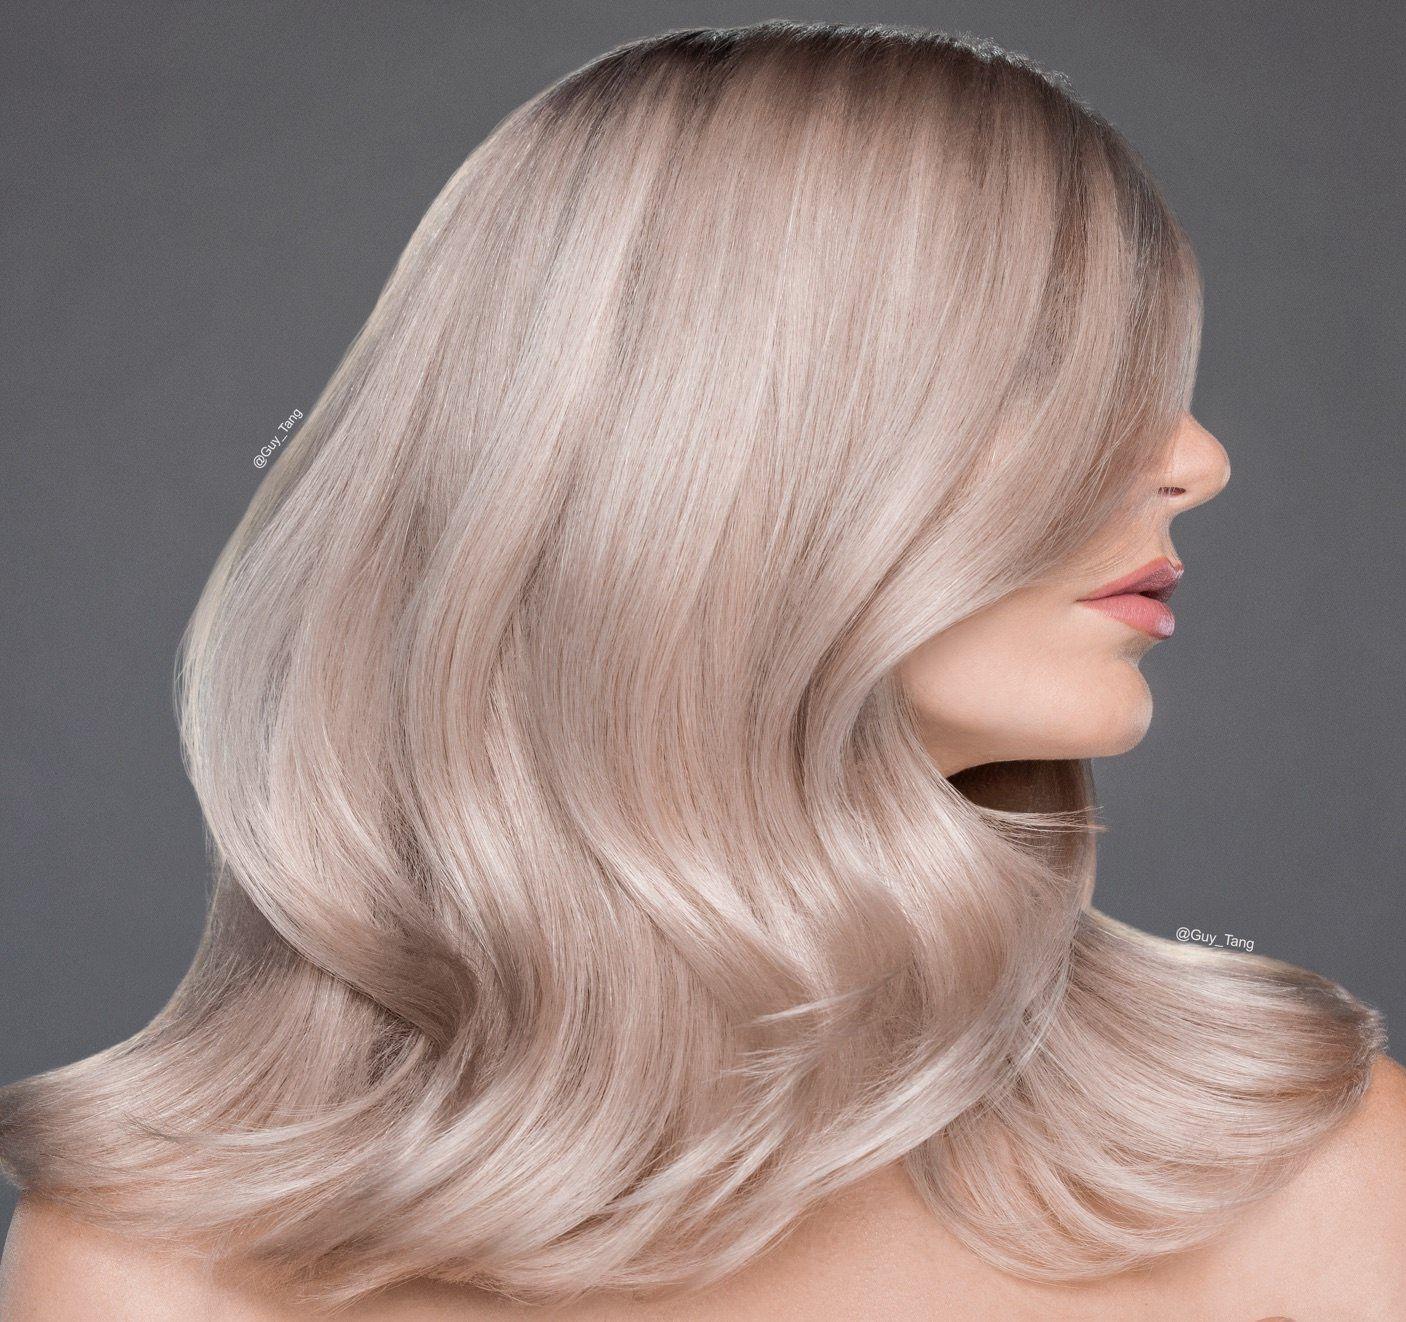 Перламутровый цвет волос в картинках